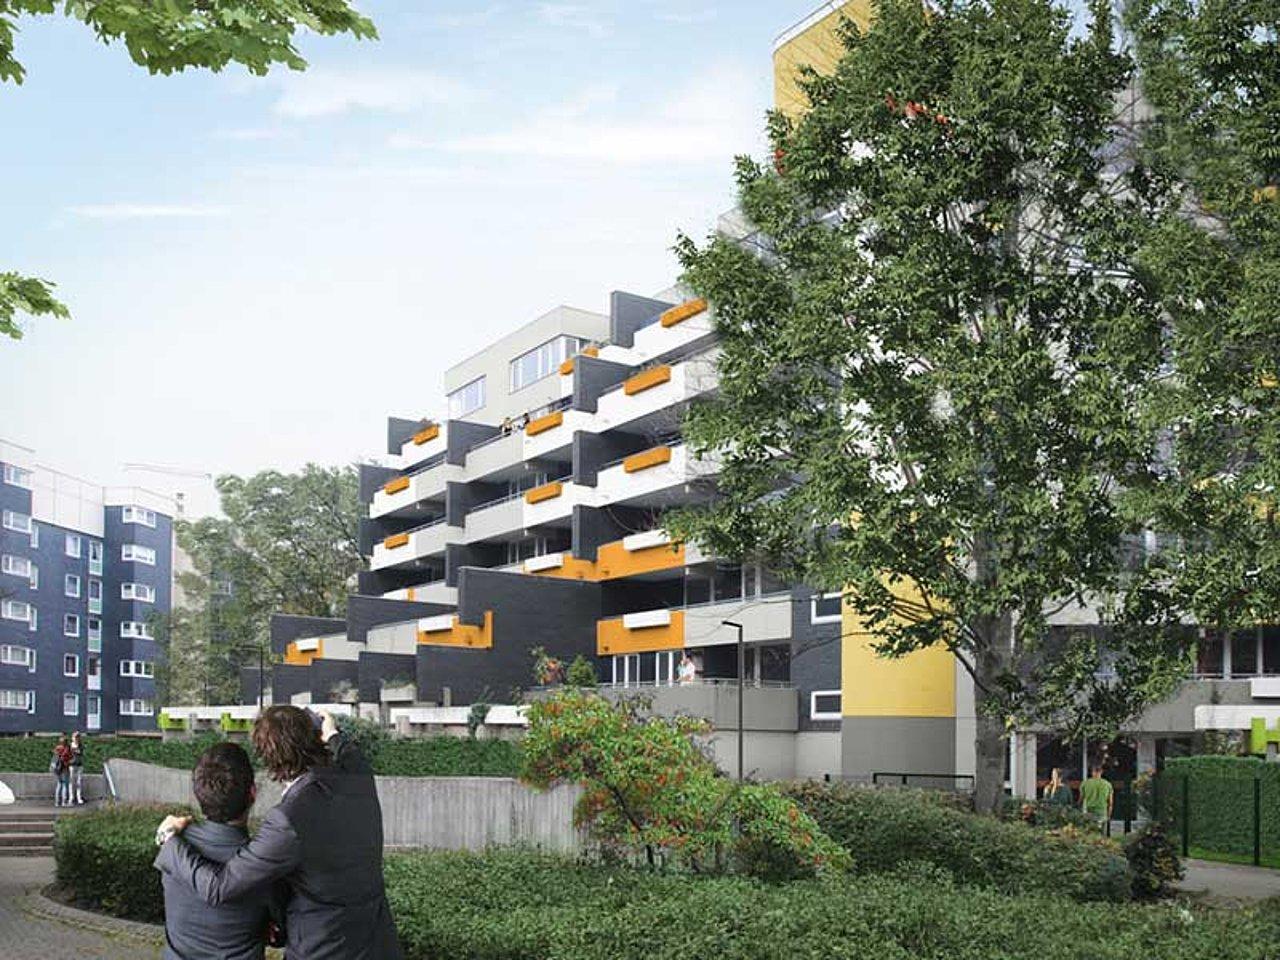 csm_DIWO-Home-Bonn-Aussen-1_049ae3086d